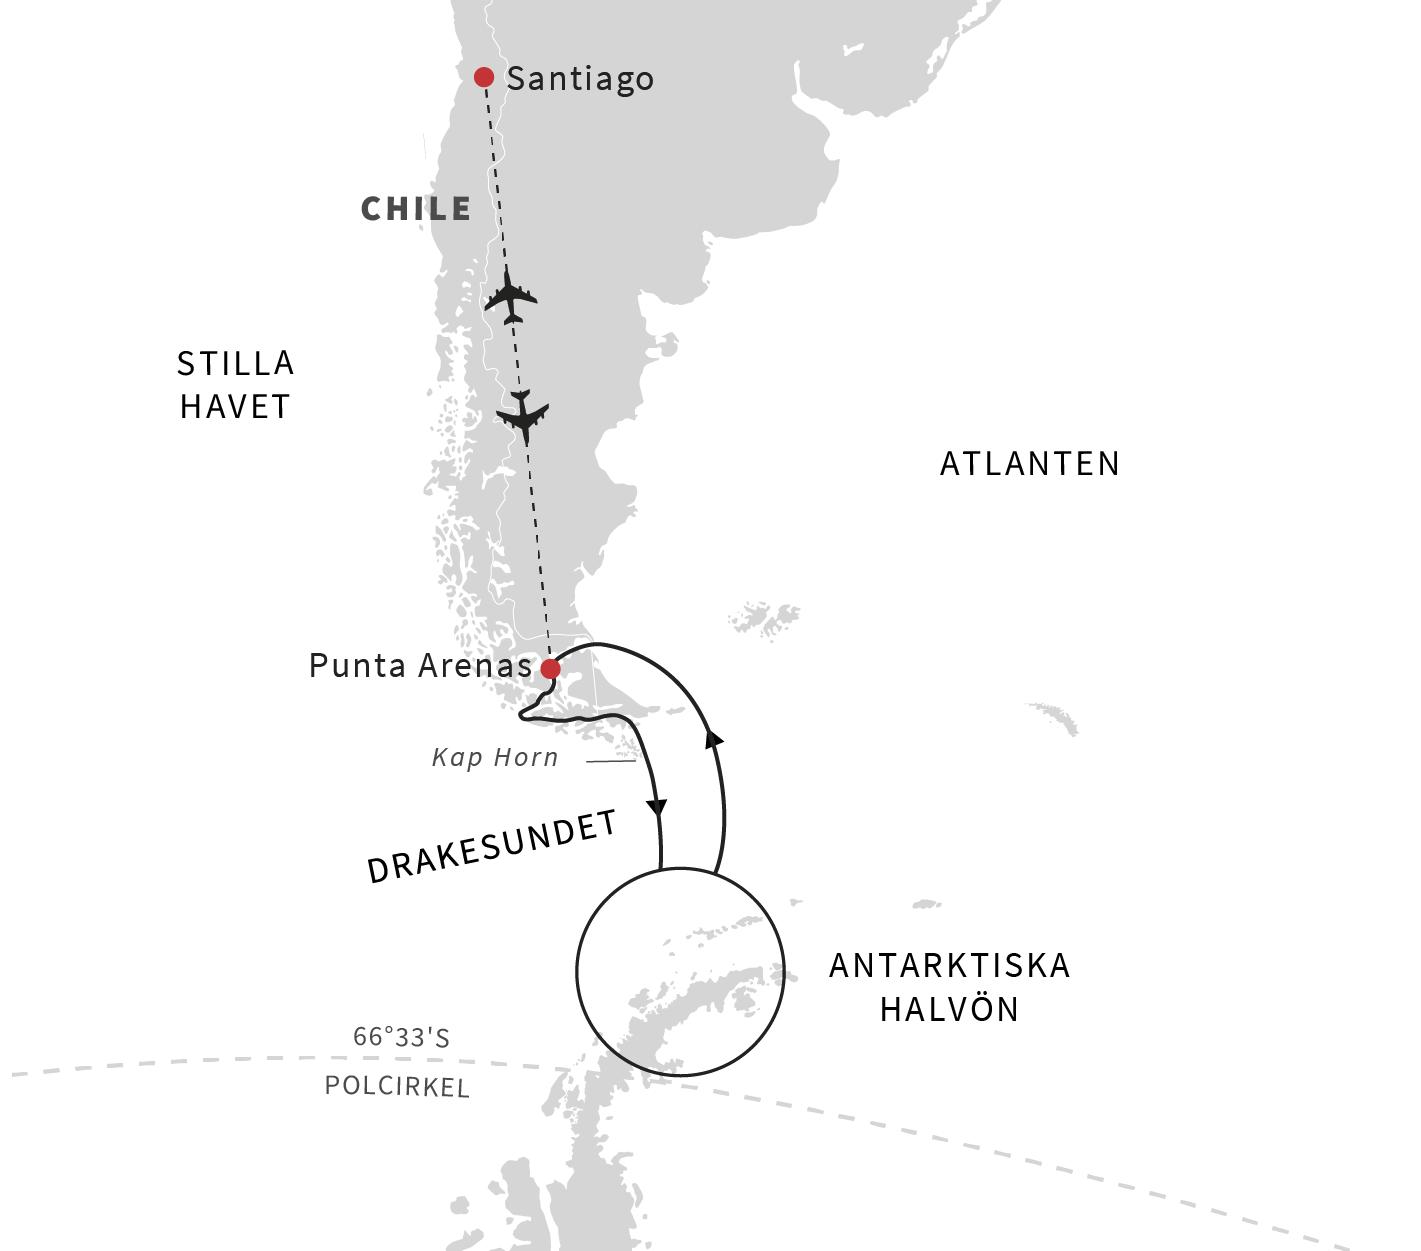 Grönlandsresor - M/S Roald Amundsen på Antarktis